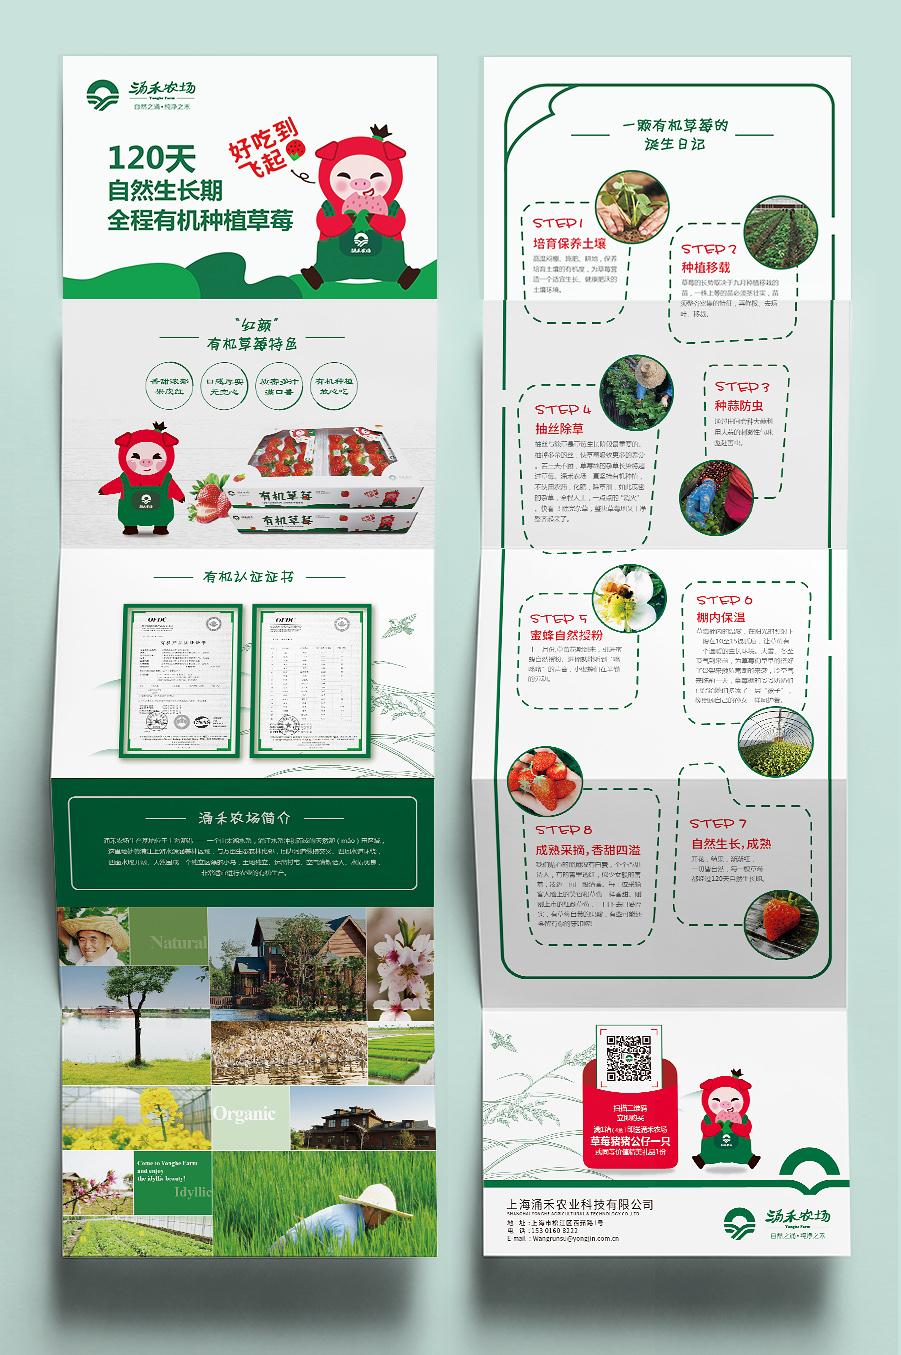 涌禾农场有机草莓宣传折页设计